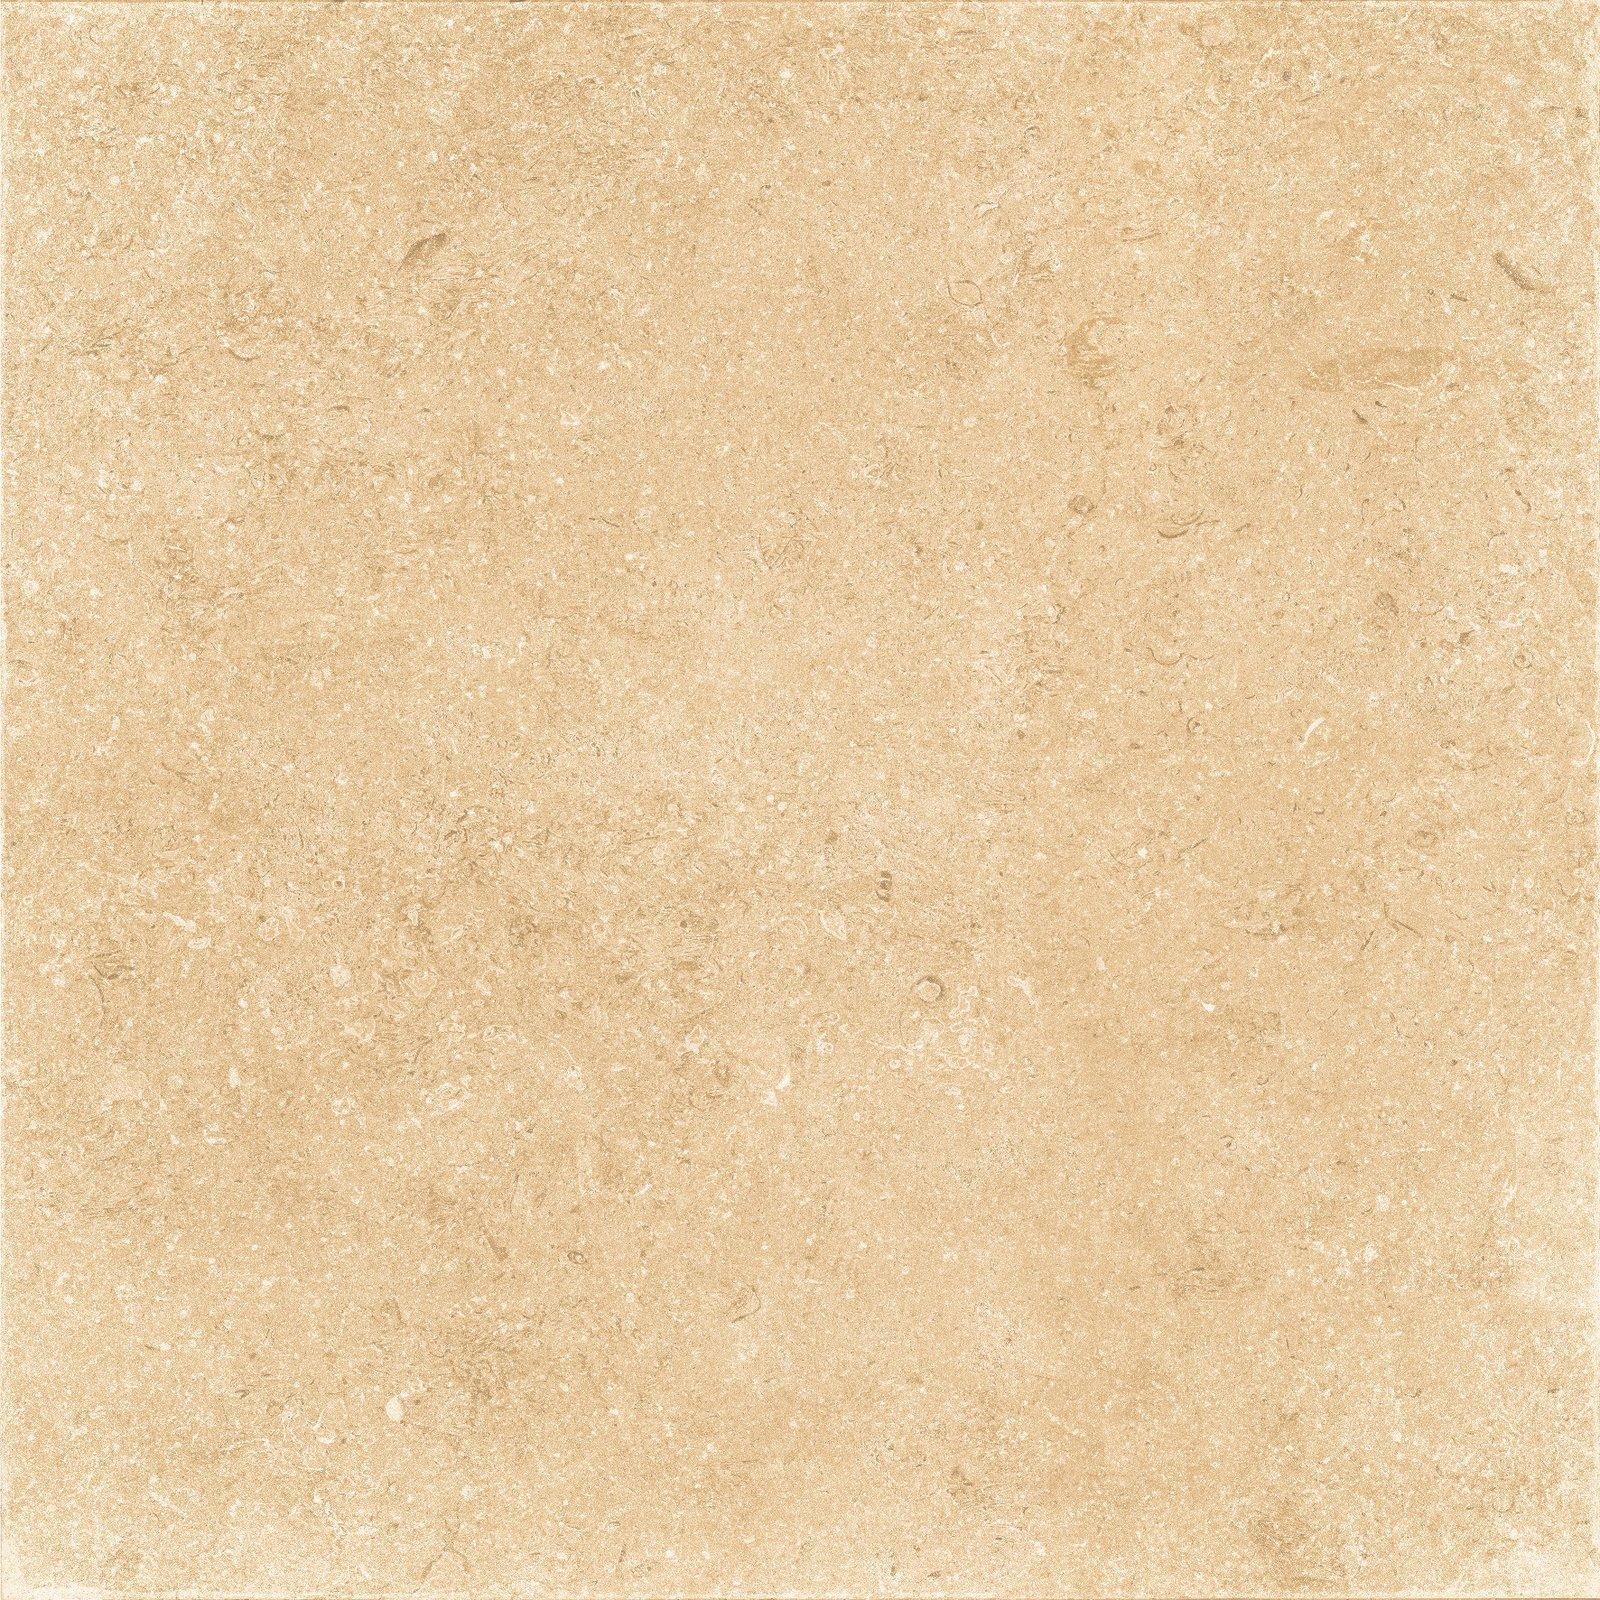 Плитка GOLD (X60NF3R) изображение 2